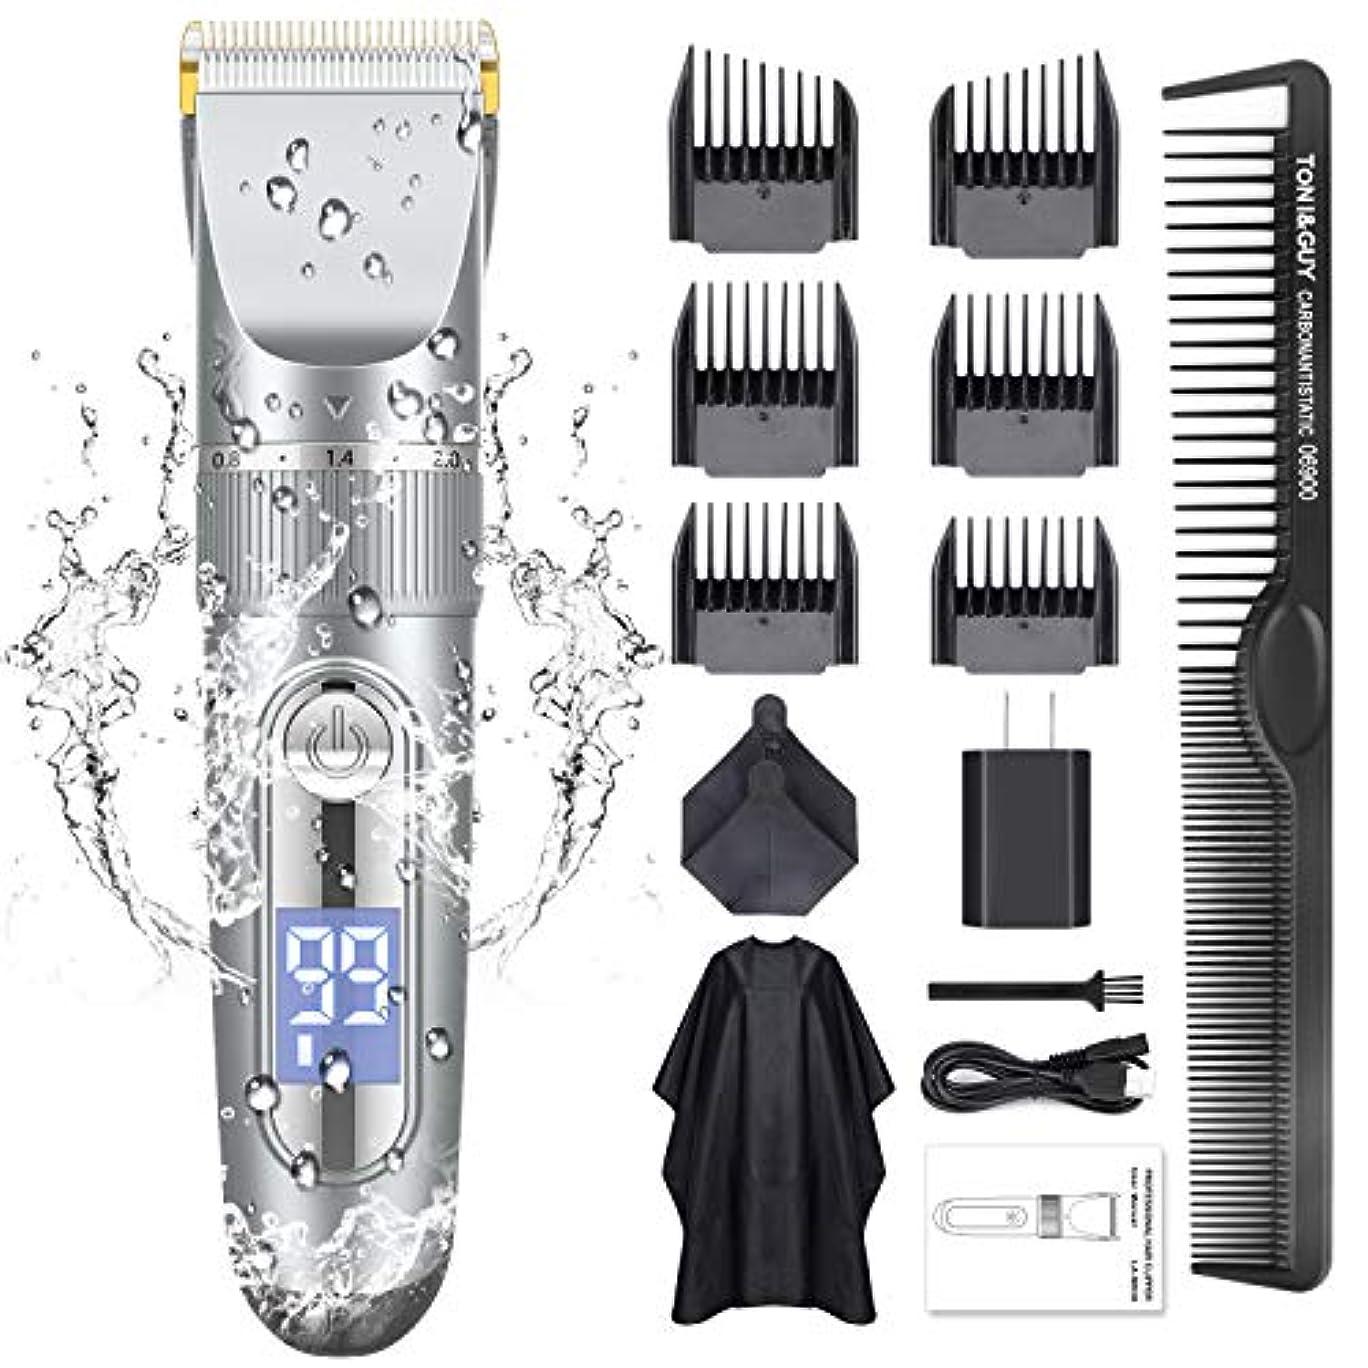 可塑性とまり木情熱的Adokey 電動バリカン IPX7防水 ヘアクリッパー usb充電式 バリカン?ヘアカッター 5段階刈り高さ 長時間使用 アタッチメント 散髪ケープ付 LED バリカン家庭用